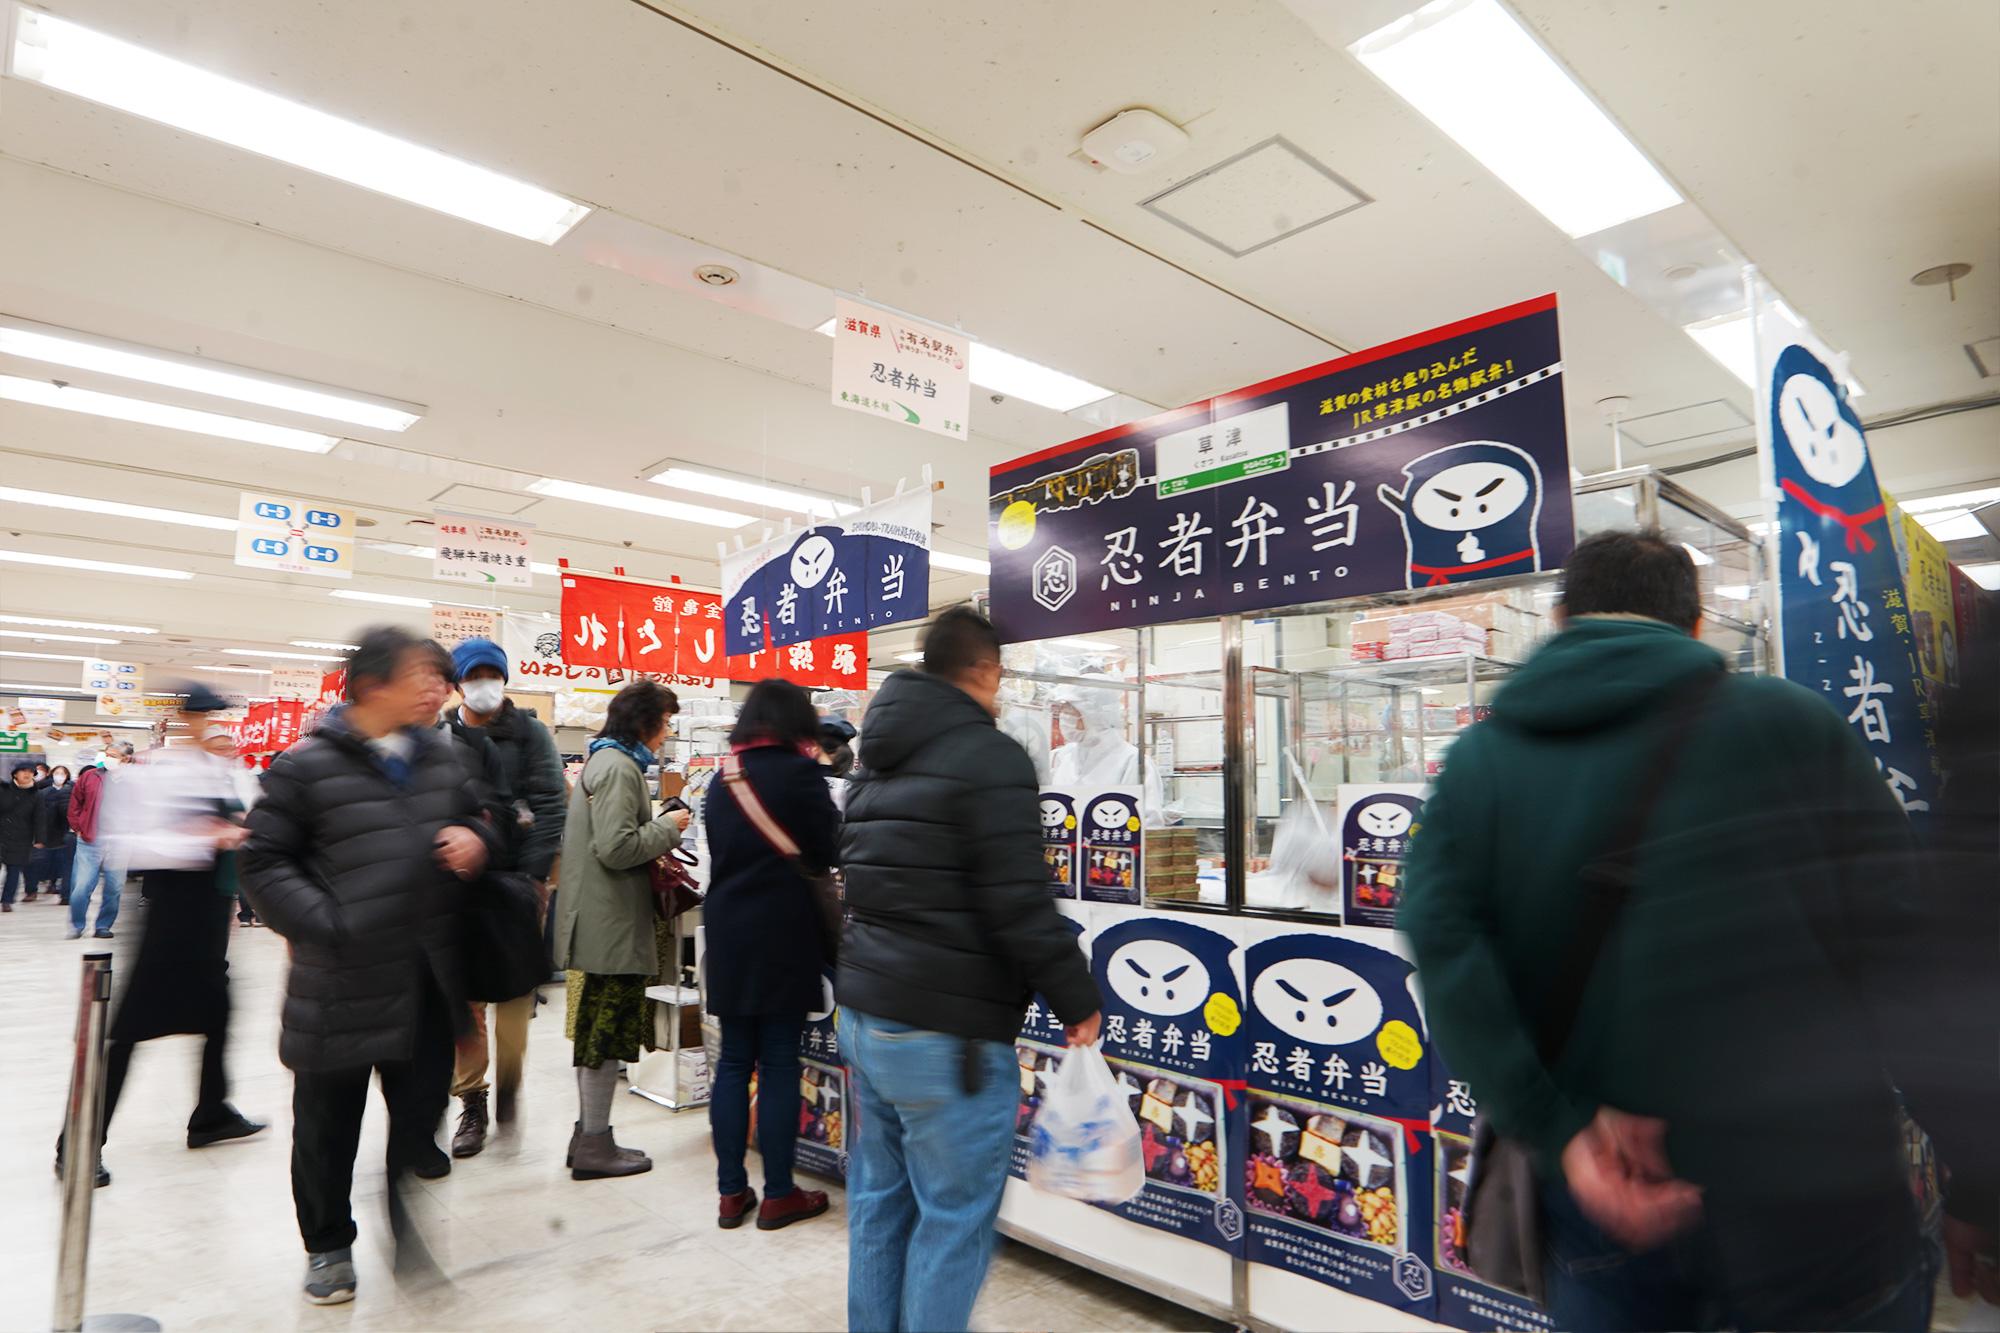 京王百貨店 新宿店開催の日本最大の駅弁イベント 「第55回 元祖有名駅弁と全国うまいもの大会」へ出店いたしました。